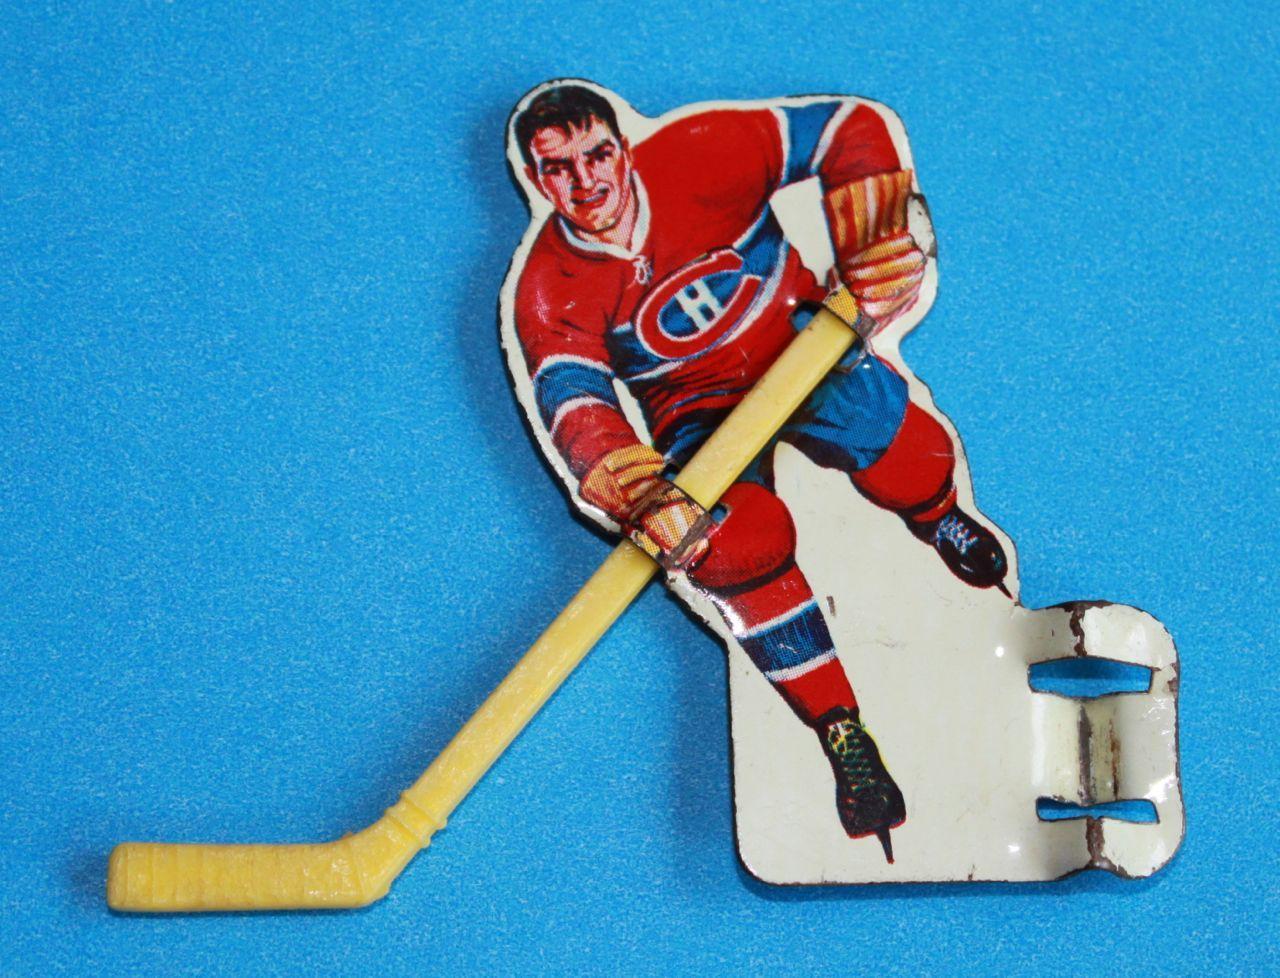 Vintage table hockey - Nhl